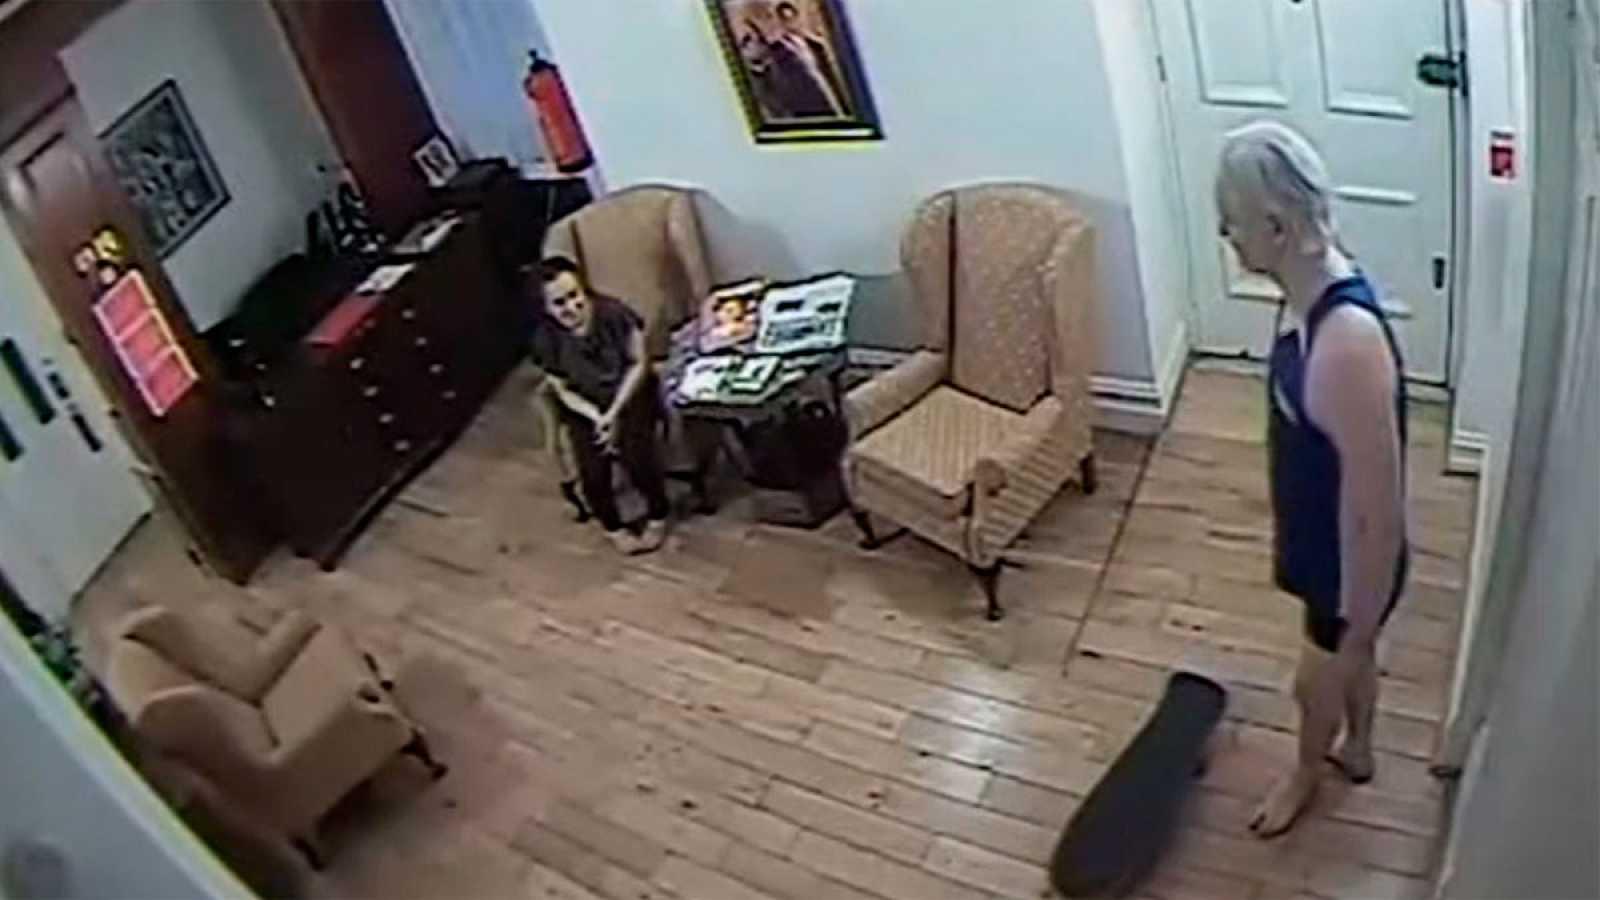 La vida de Assange en la embajada de Ecuador, con fricciones con los trabajadores diplomáticos